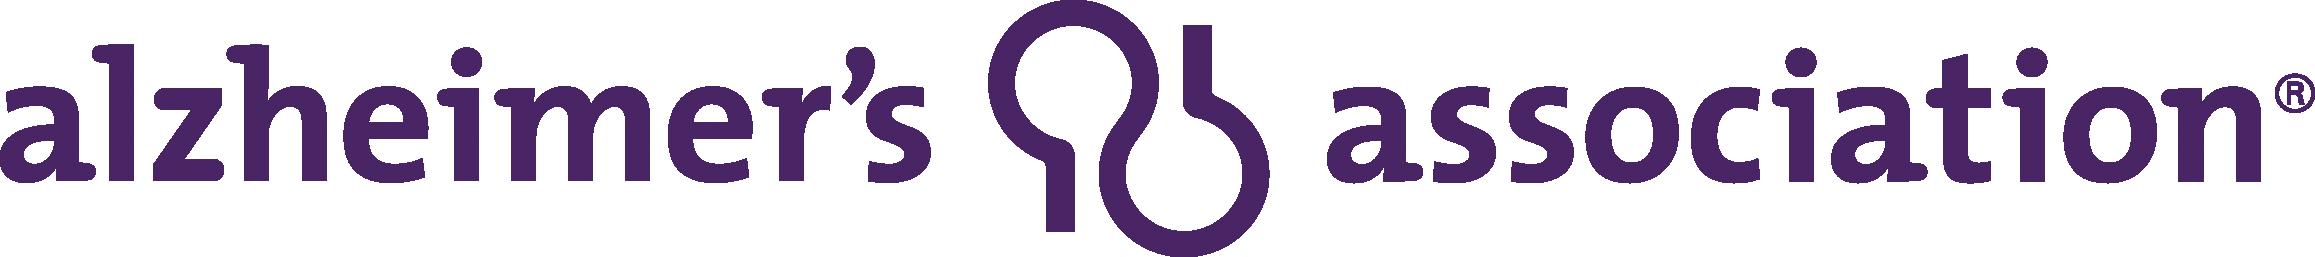 Alzheimer Association's logo